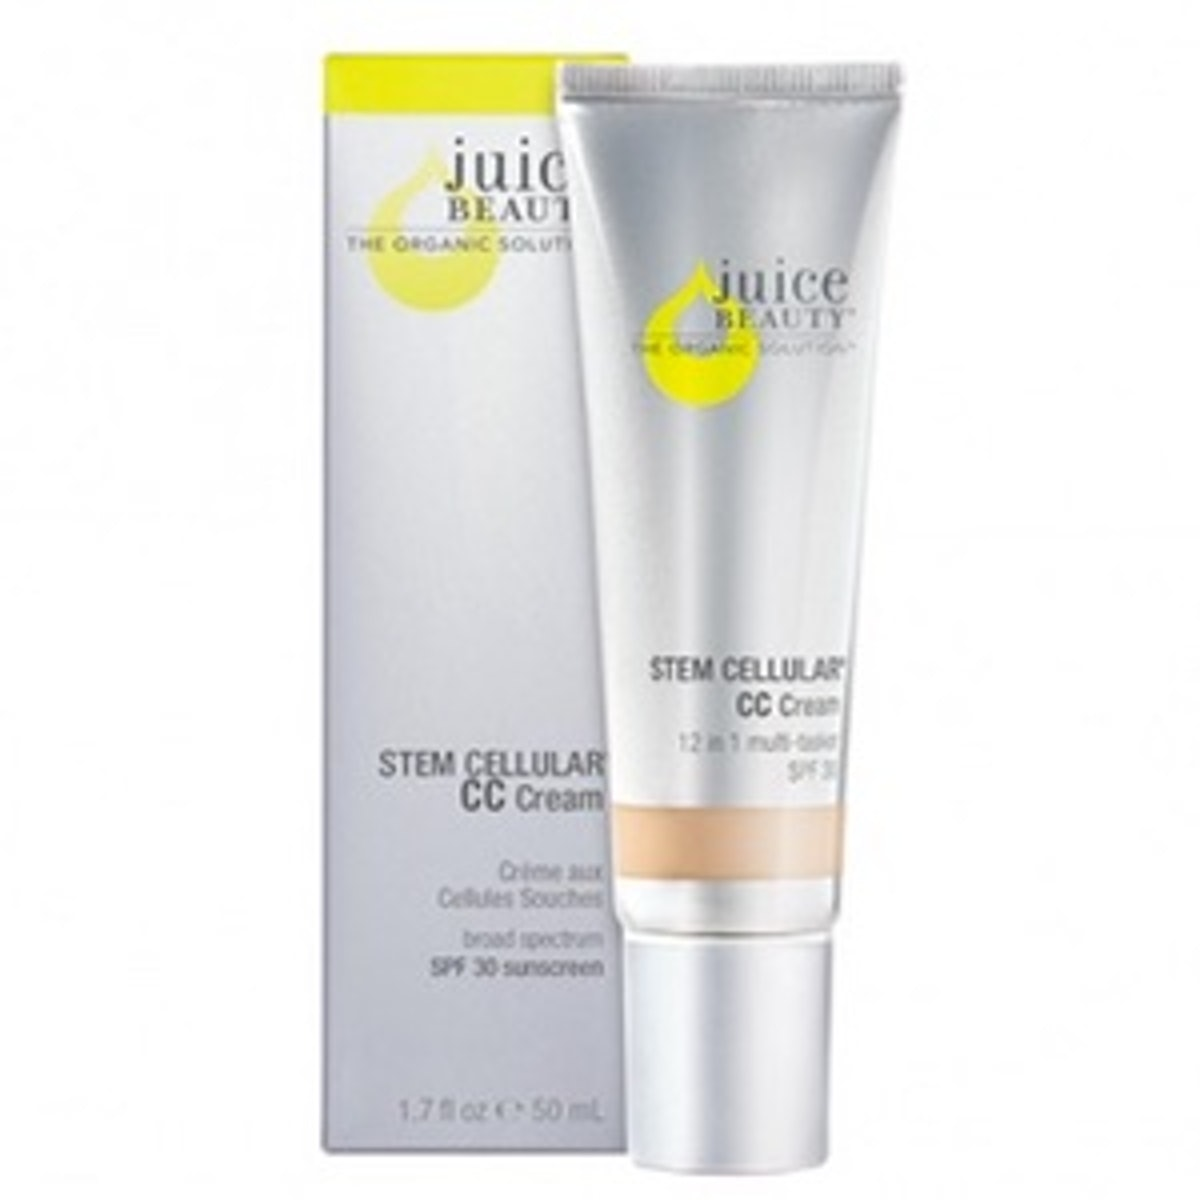 Stem Cellular CC Cream